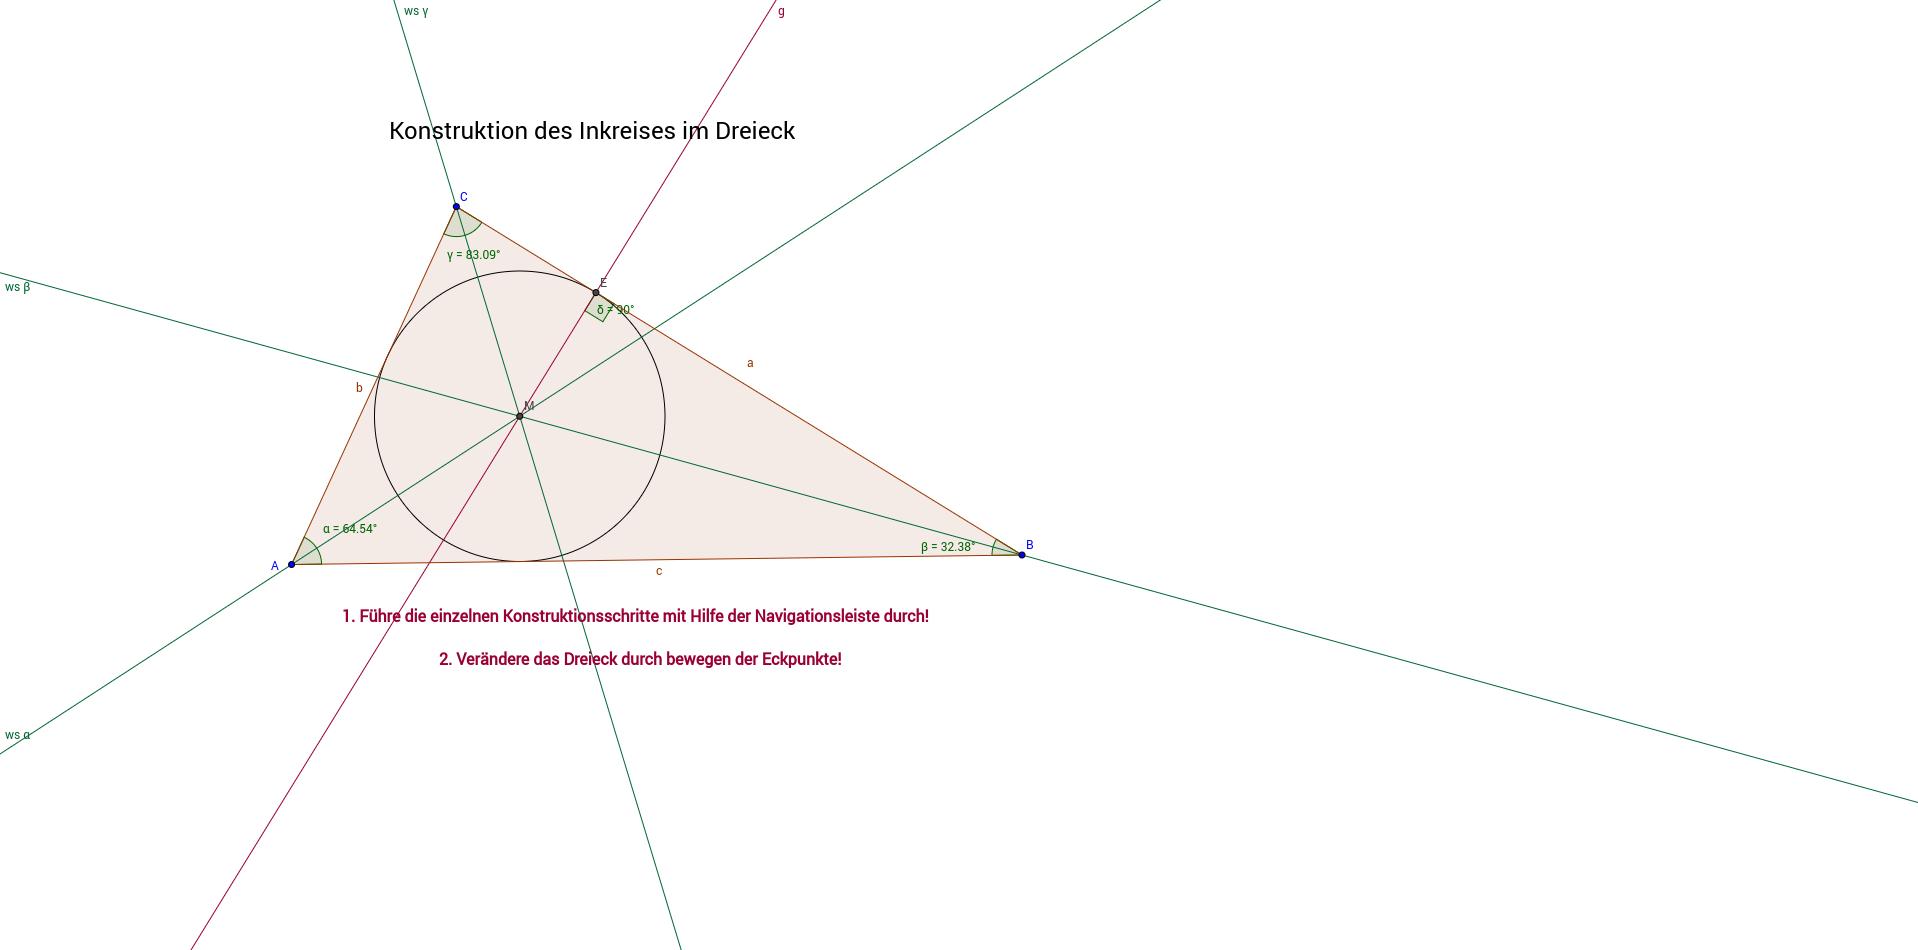 Der Inkreis des Dreieckes